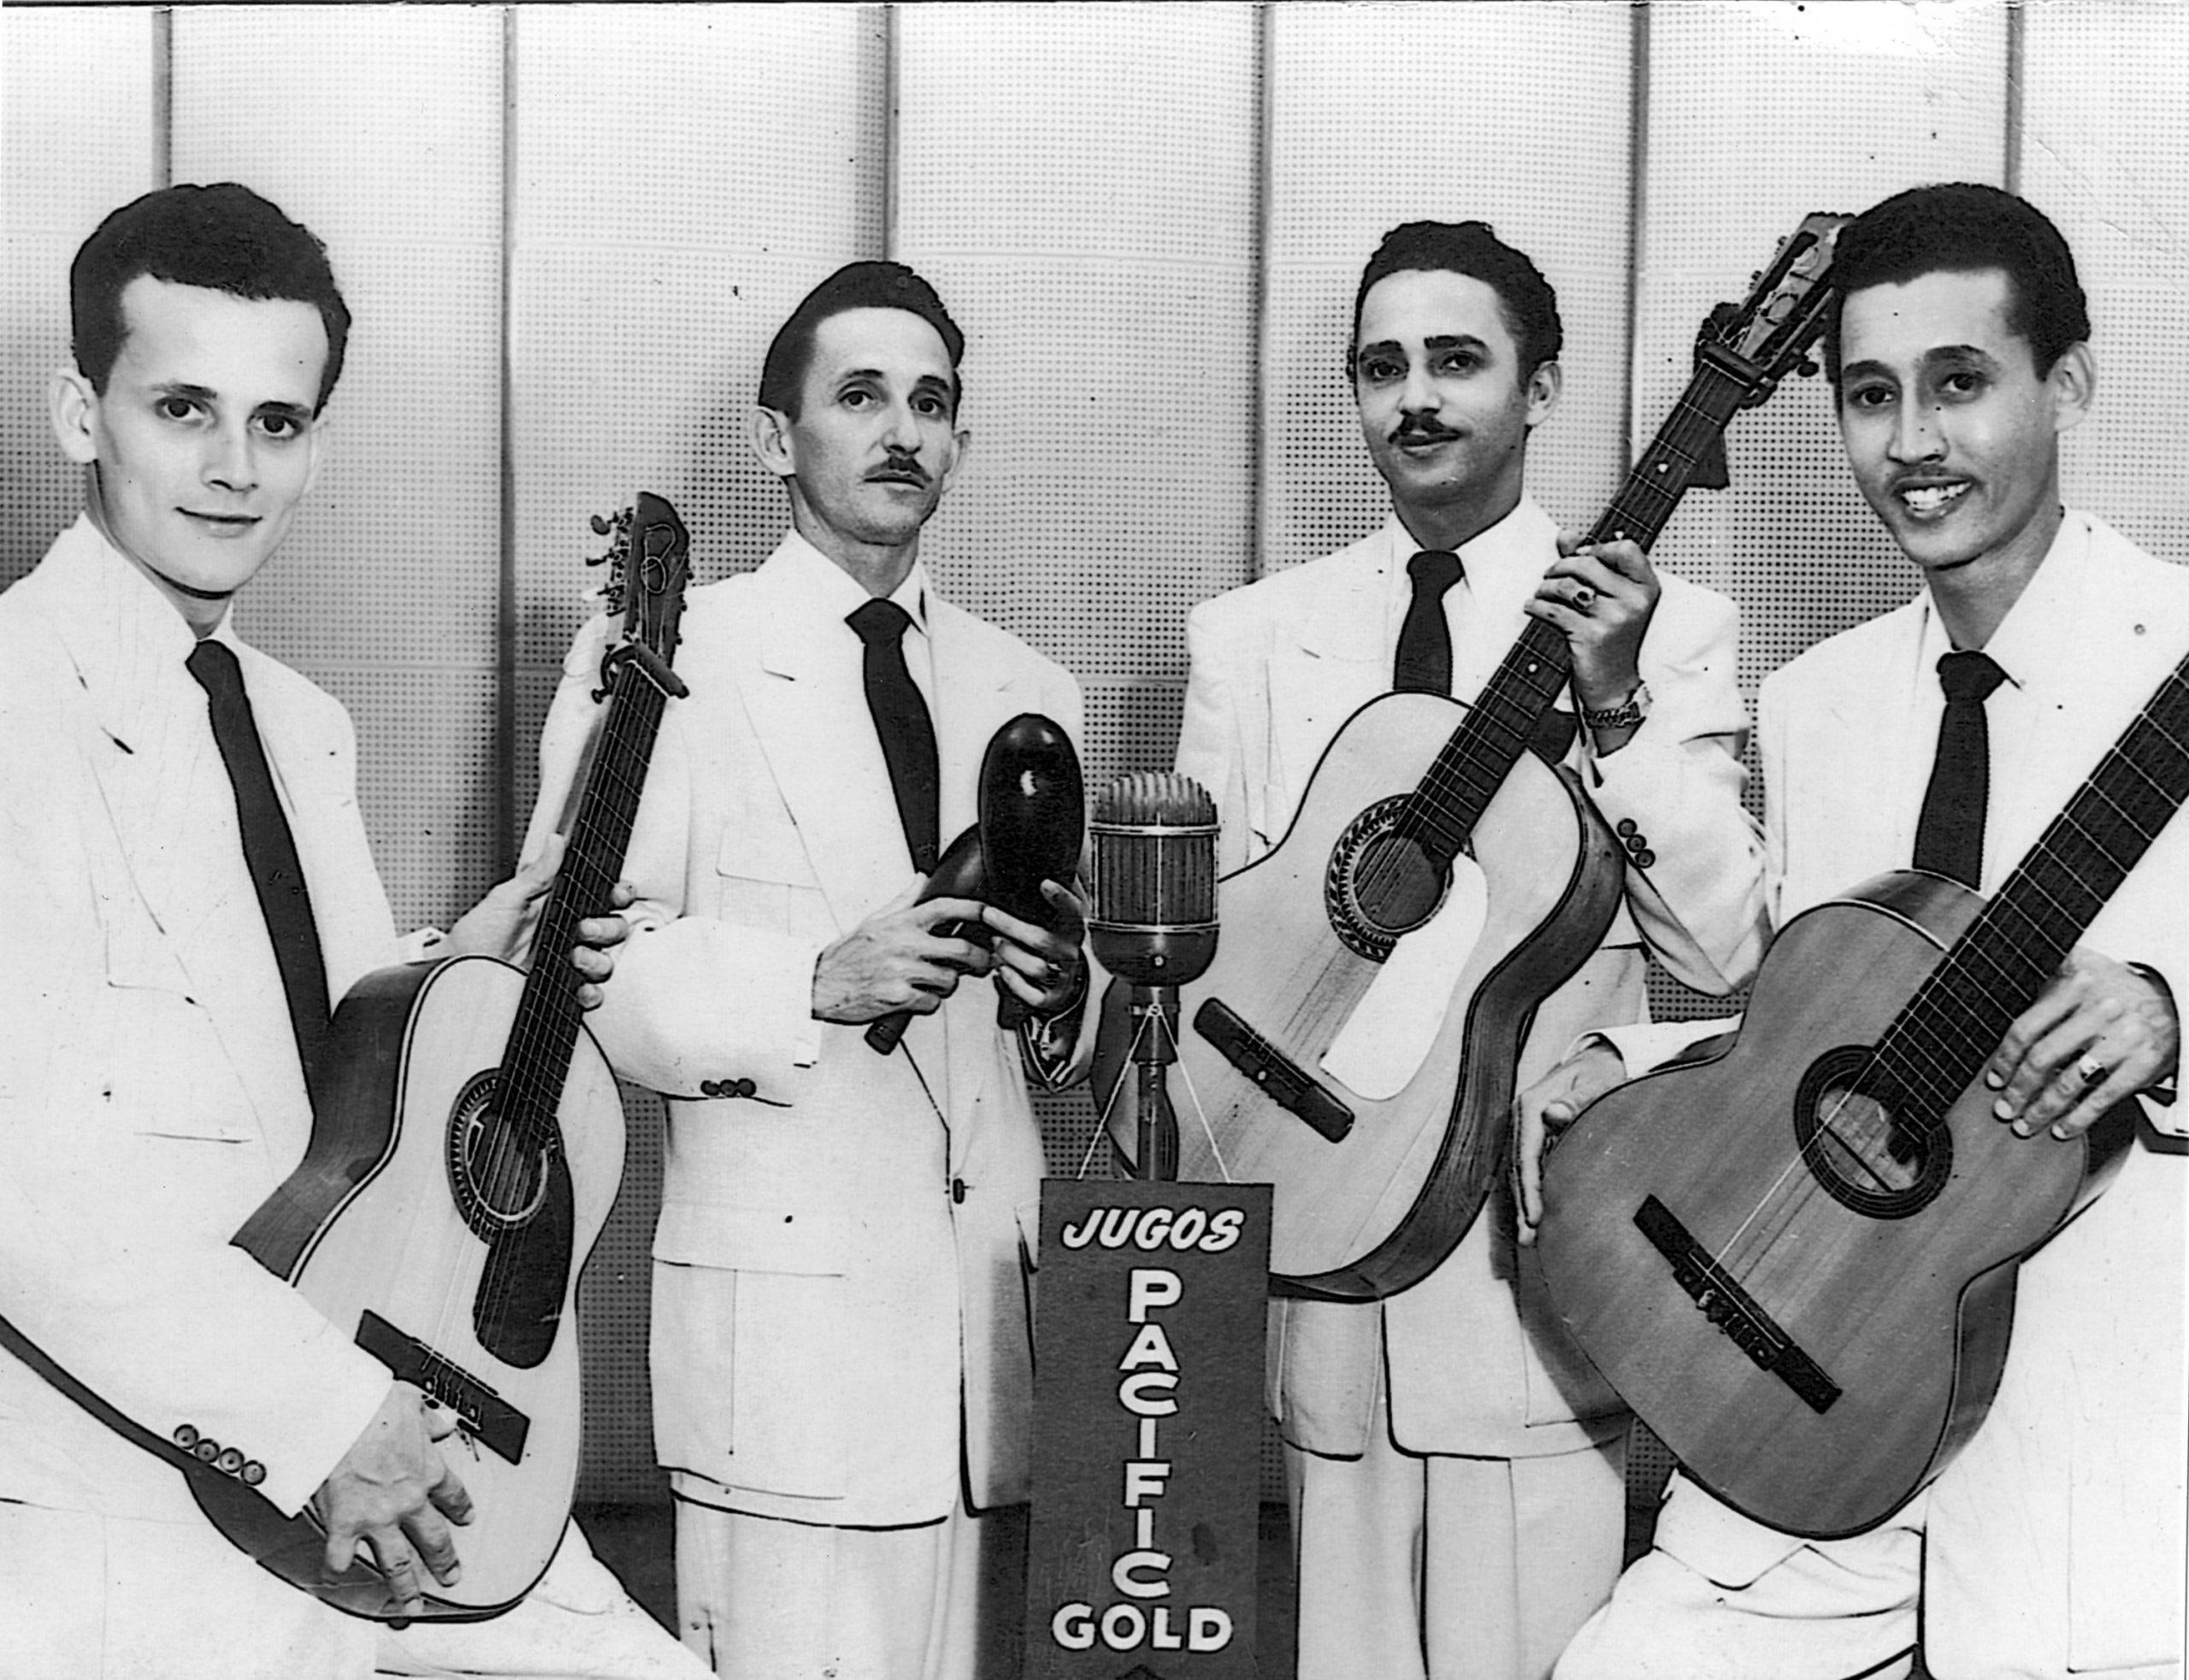 Scharron, en la época de oro con Felipe Rodríguez y Los Antares. (Foto suministrada)